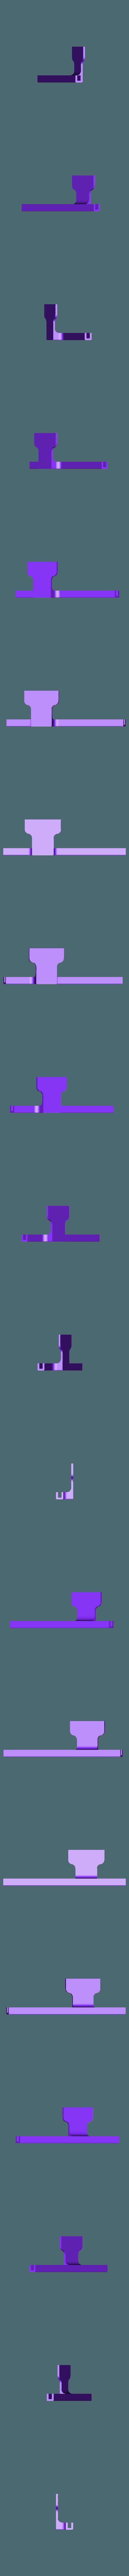 Rail Arriba.stl Télécharger fichier STL gratuit Support de plaque d'immatriculation de moto • Modèle à imprimer en 3D, Ginesor